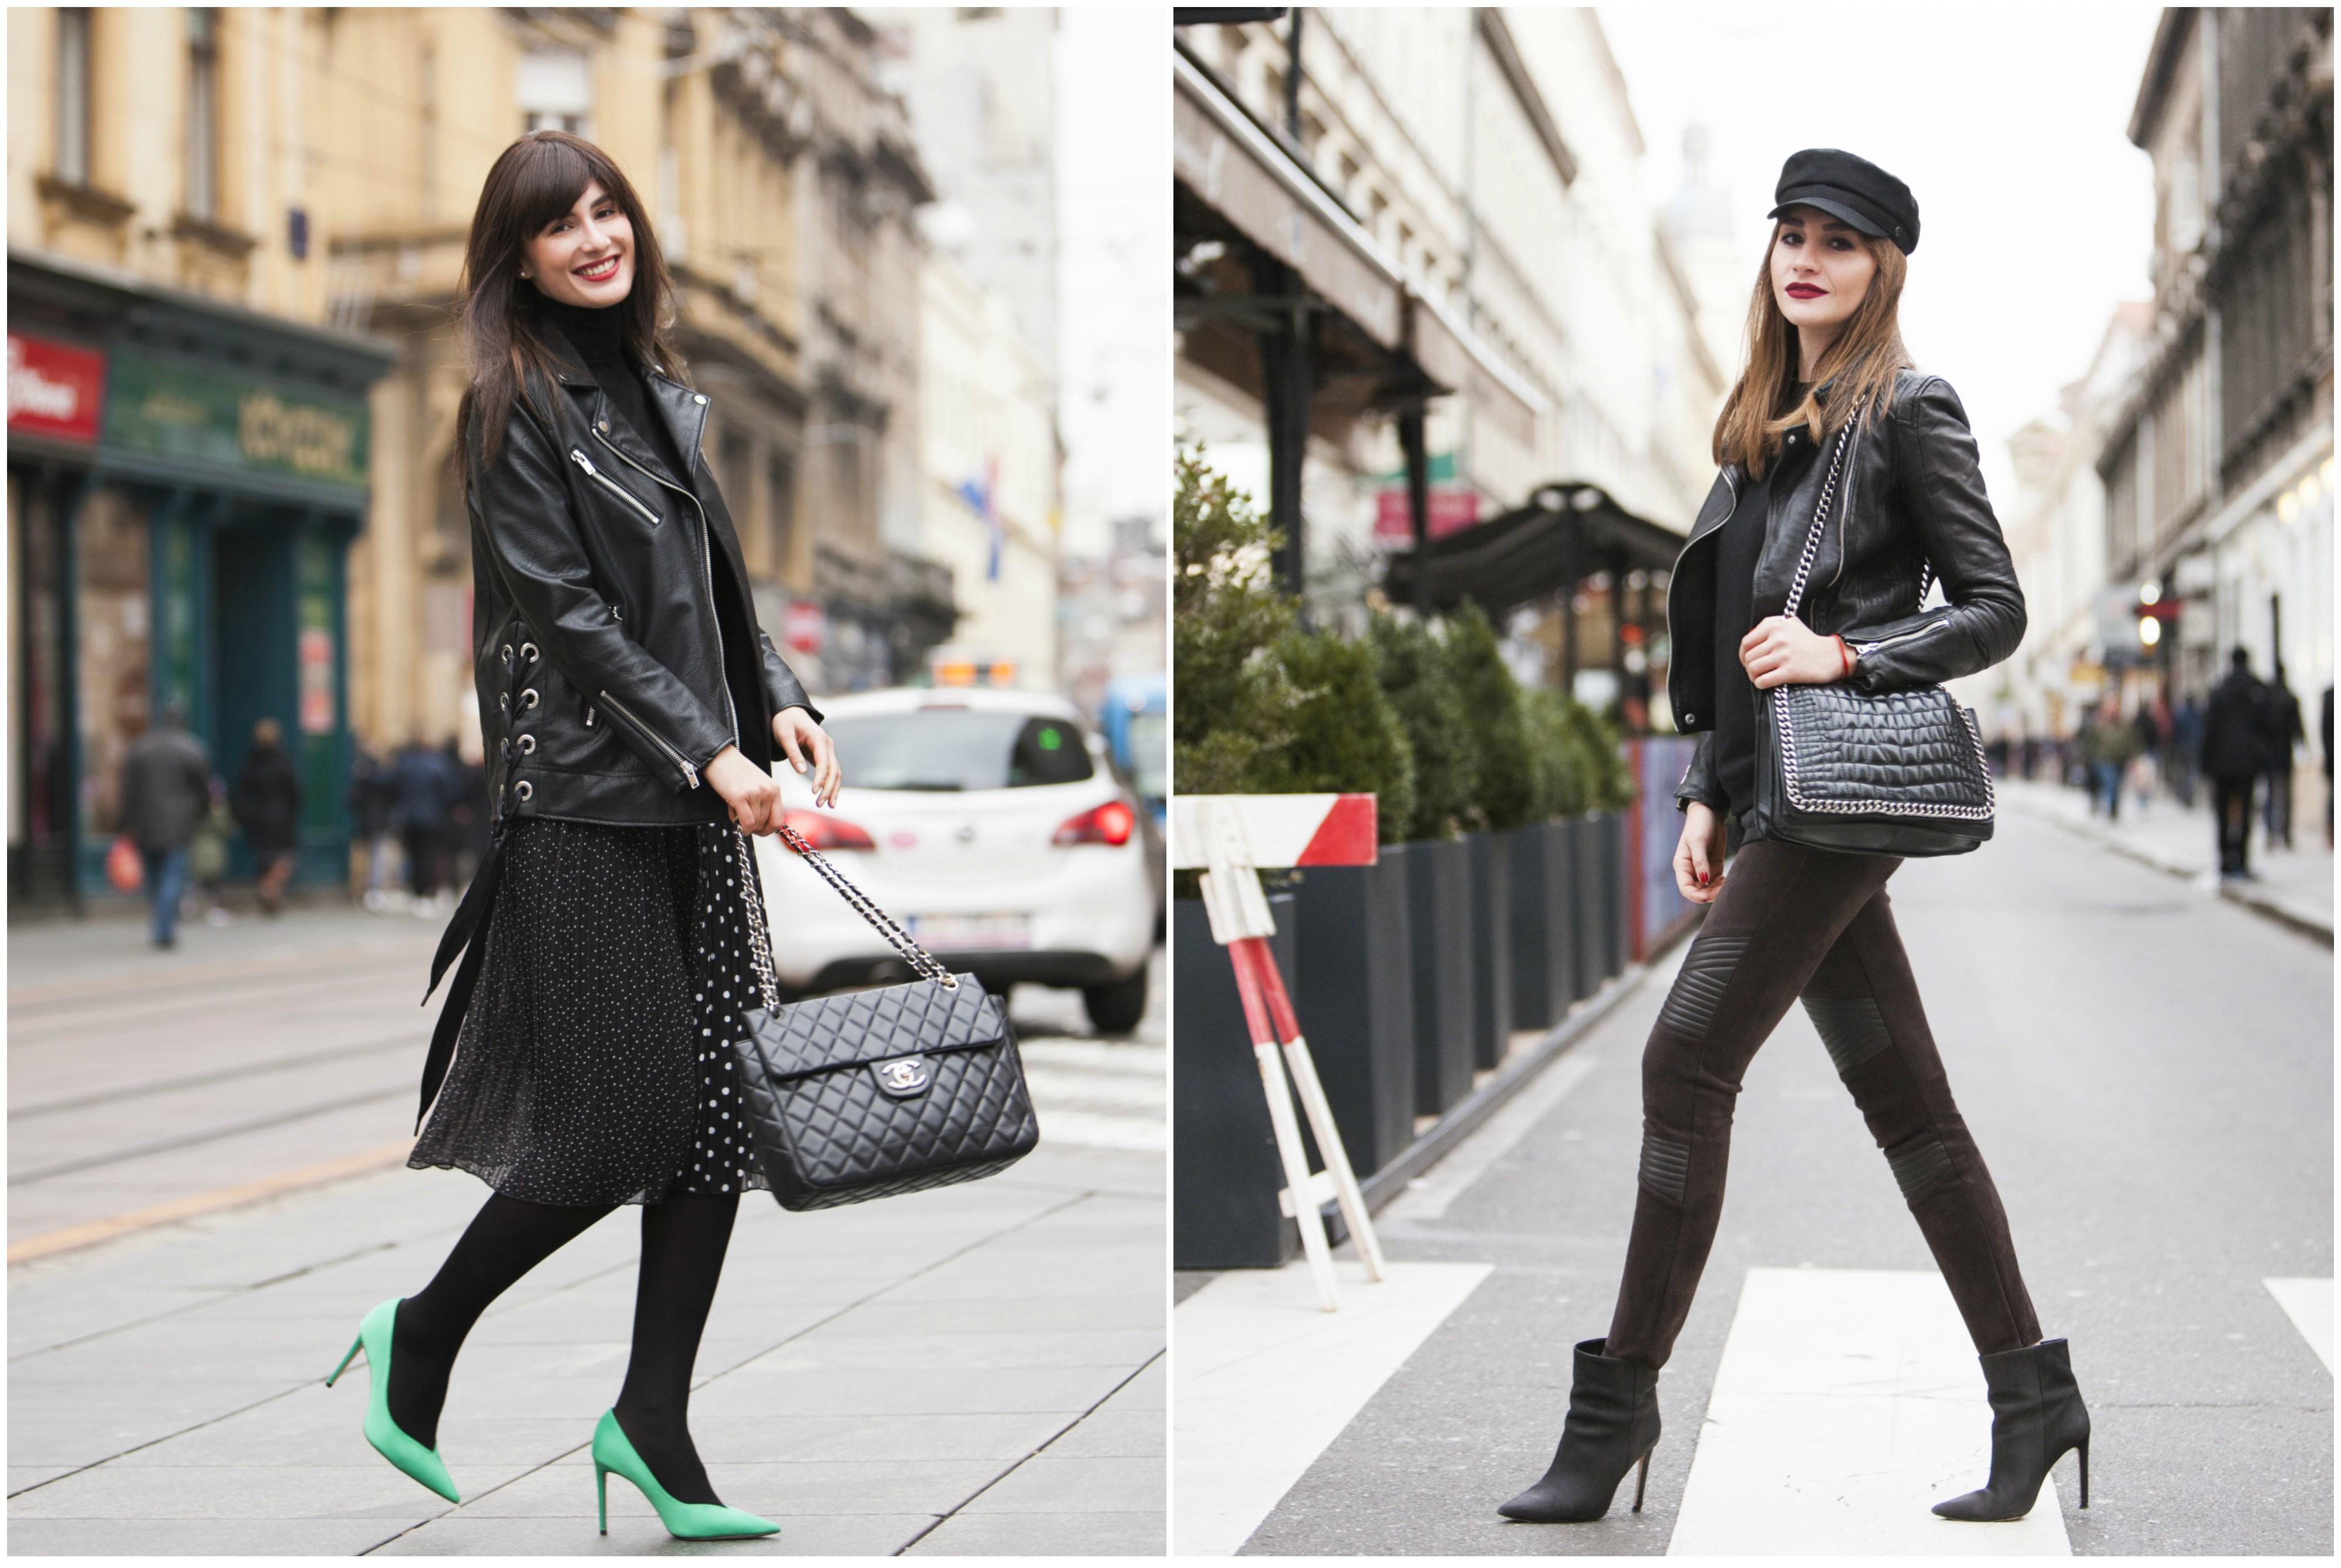 Dvije prijateljice pokazale kako bajkerska jakna savršeno funkcionira u različitim stilovima